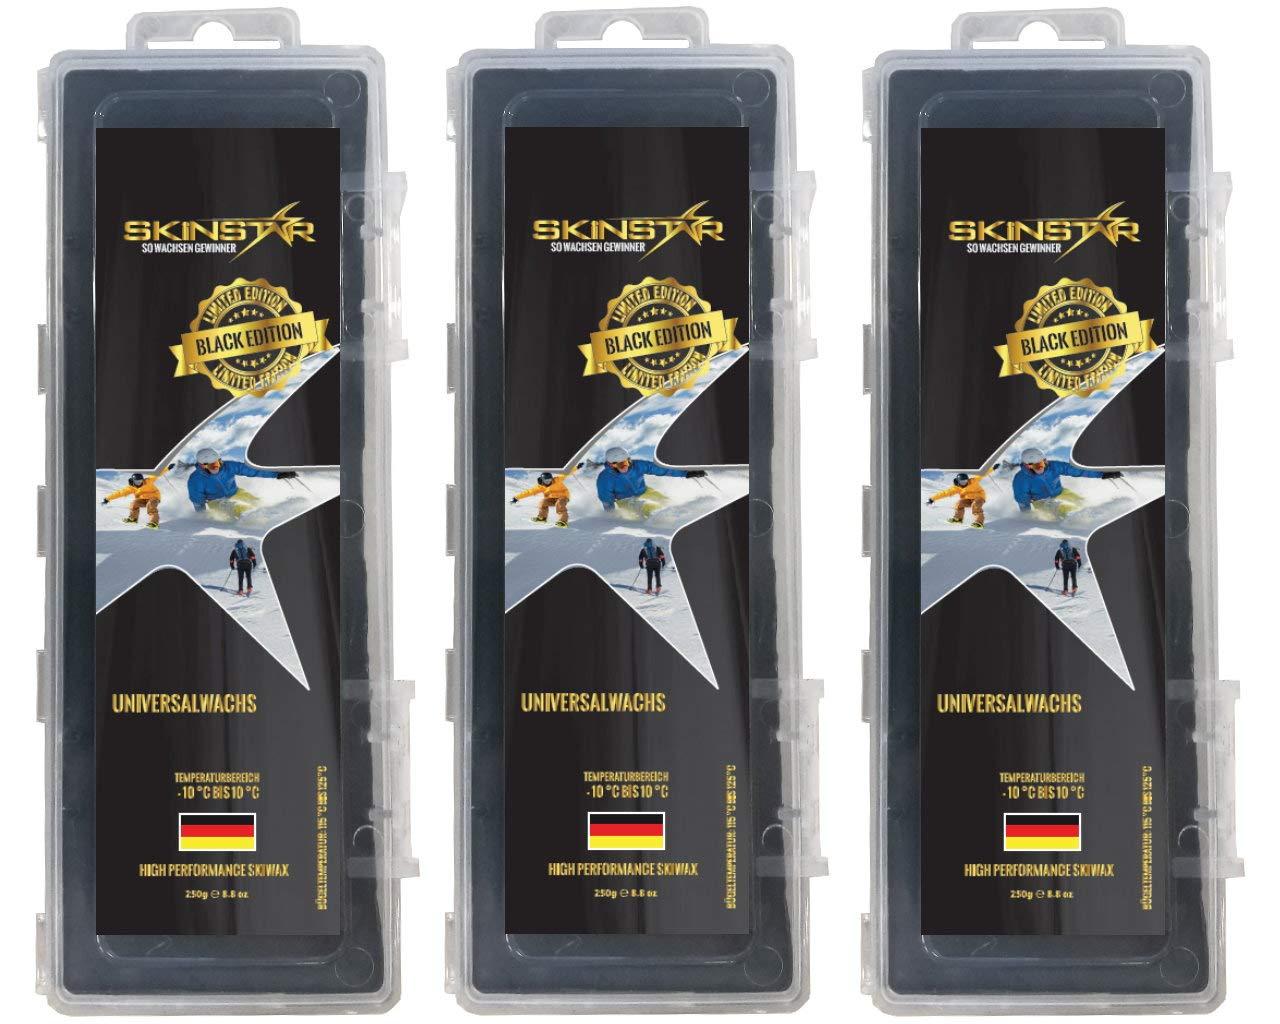 SkinStar Black Edition Universal Skiwachs Rennwachs Ski und Langlauf Wachs Ski Wax 750g